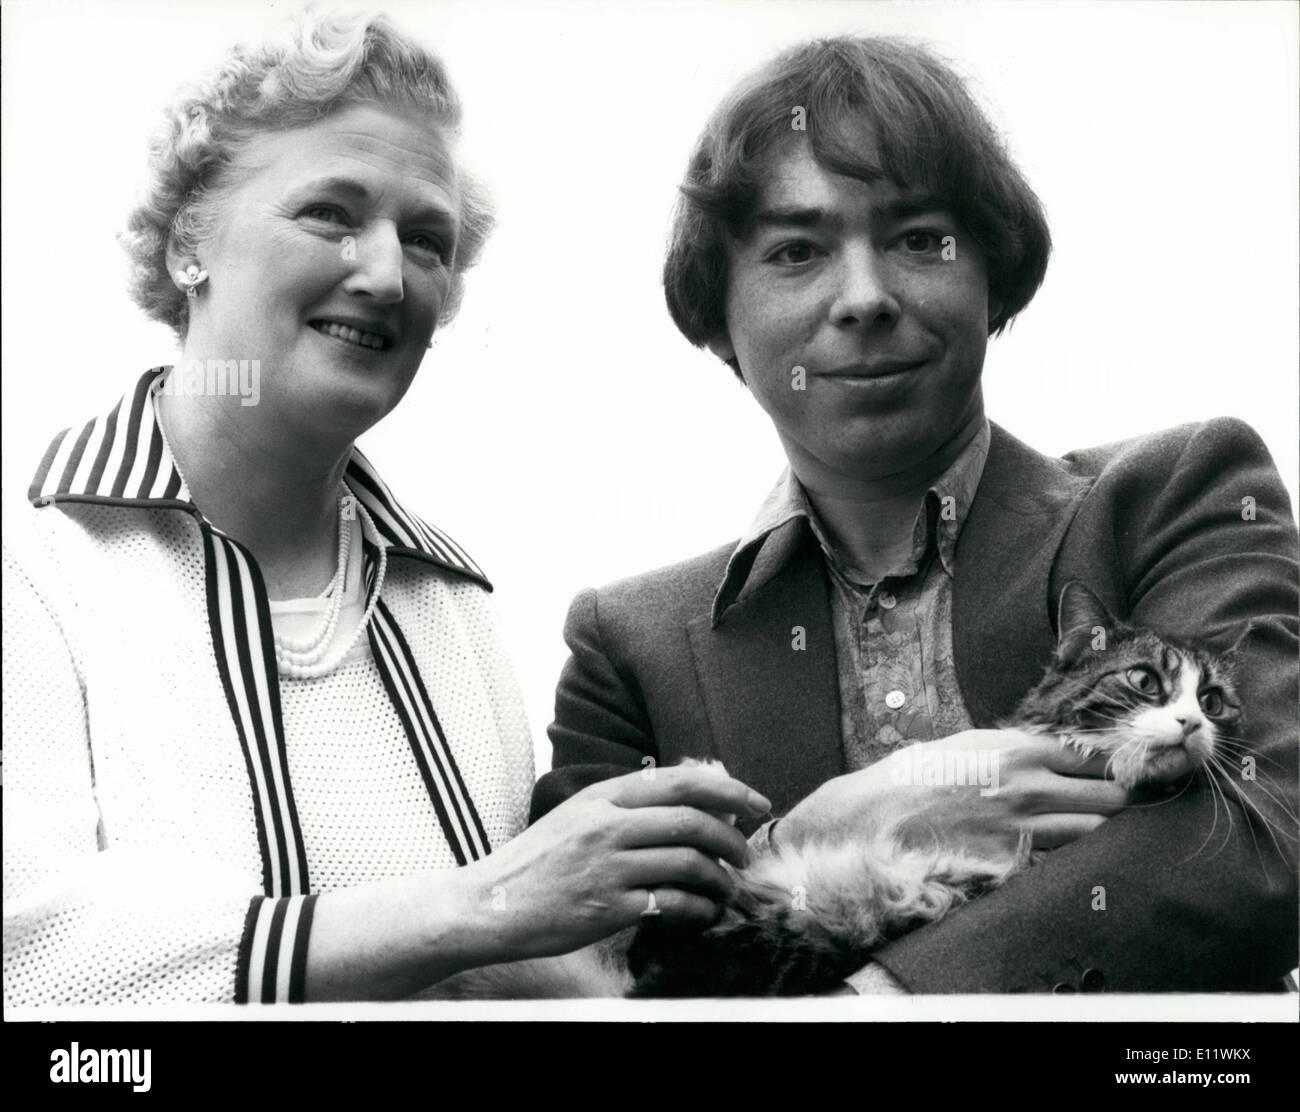 Septiembre 09, 1980 - Nuevo musical de Lloyd Webber para el west end ''Cats'' es el título del nuevo musical de Andrew Lloyd Webber anunció el día de hoy. Será la primera comedia musical de West End por él desde el galardonado ''Evita'' abrió sus puertas en Londres en junio de 1978. Inspiradas en poesías publicadas y no publicadas por T S Eliot, incluida la internacionalmente famosa ''Antiguo zarigüeyas Libro Práctico de gatos'', itvis, programado para abrir en Londres en abril de 1981. La nueva película será dirigida por Trevor Nunn de la Royal Shakespeare Company y coreografiada por Billian Lynne Foto de stock